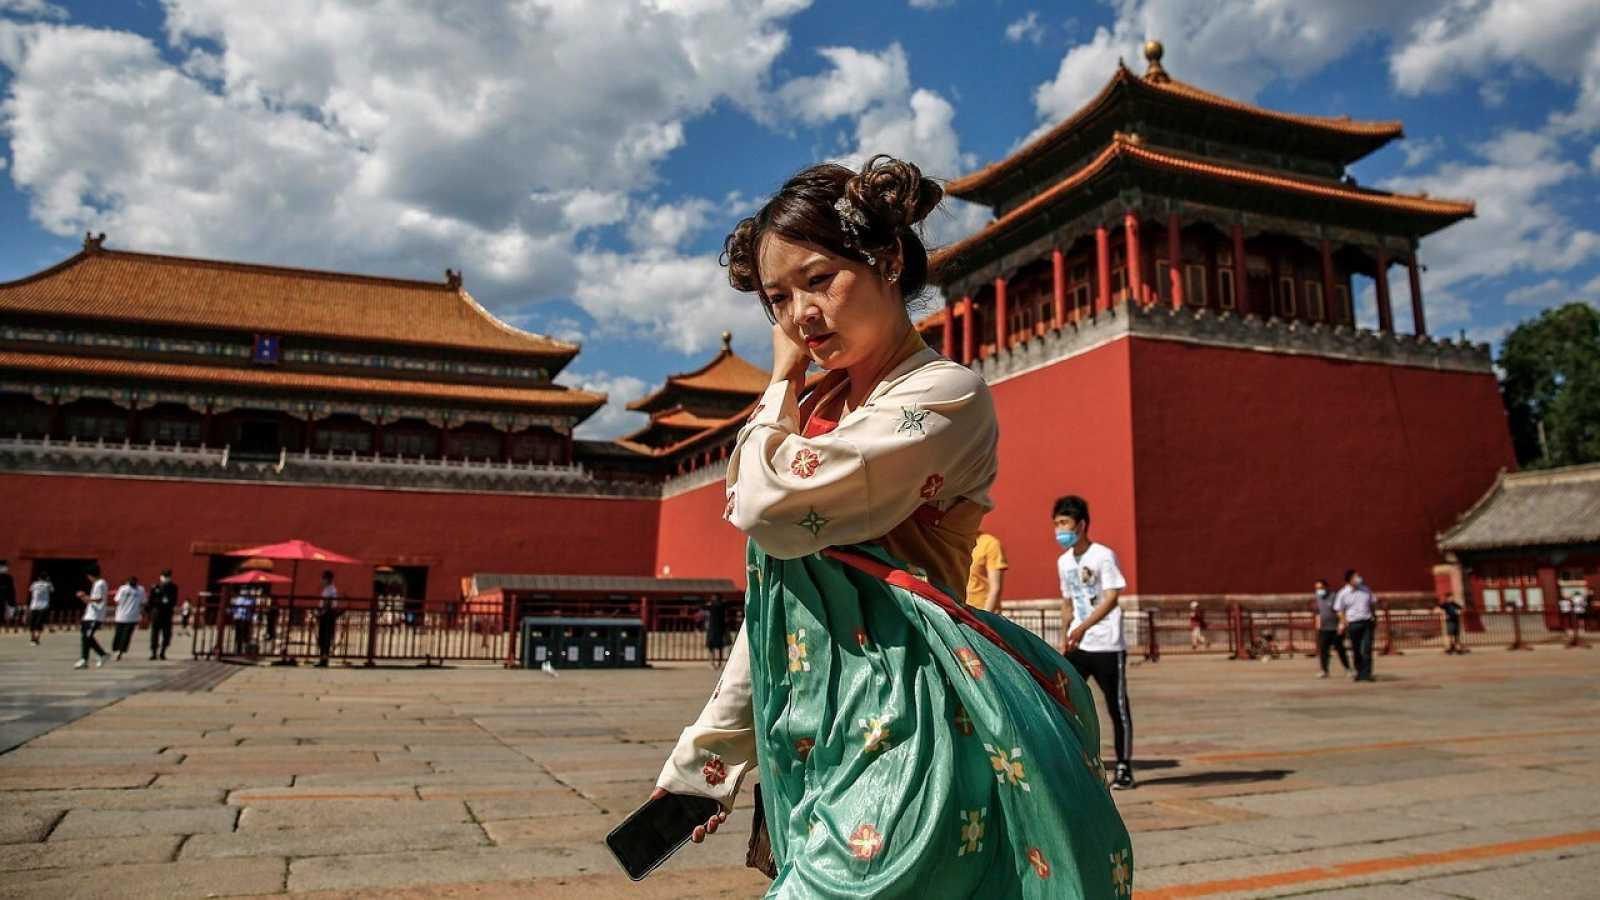 Una mujer con un traje tradicional en la Ciudad Prohibida